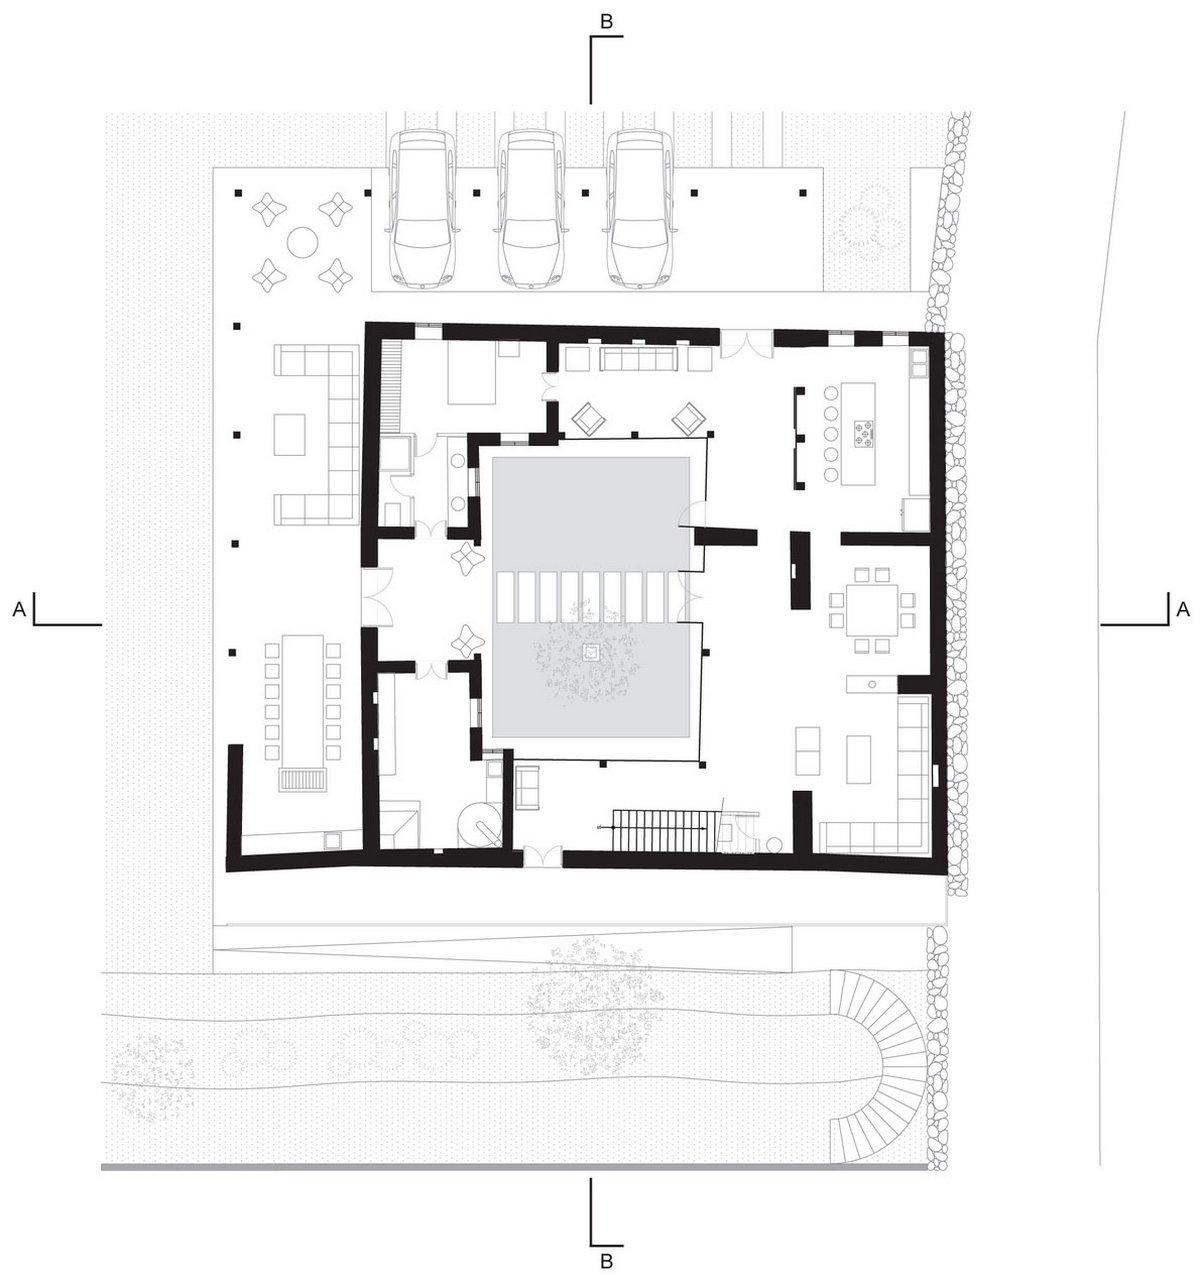 Loma House, Ivan Andres Quizhpe, частный дом Эквадор, внутренний двор в частном доме, панорамное остекление частного дома, дизайн интерьера фото